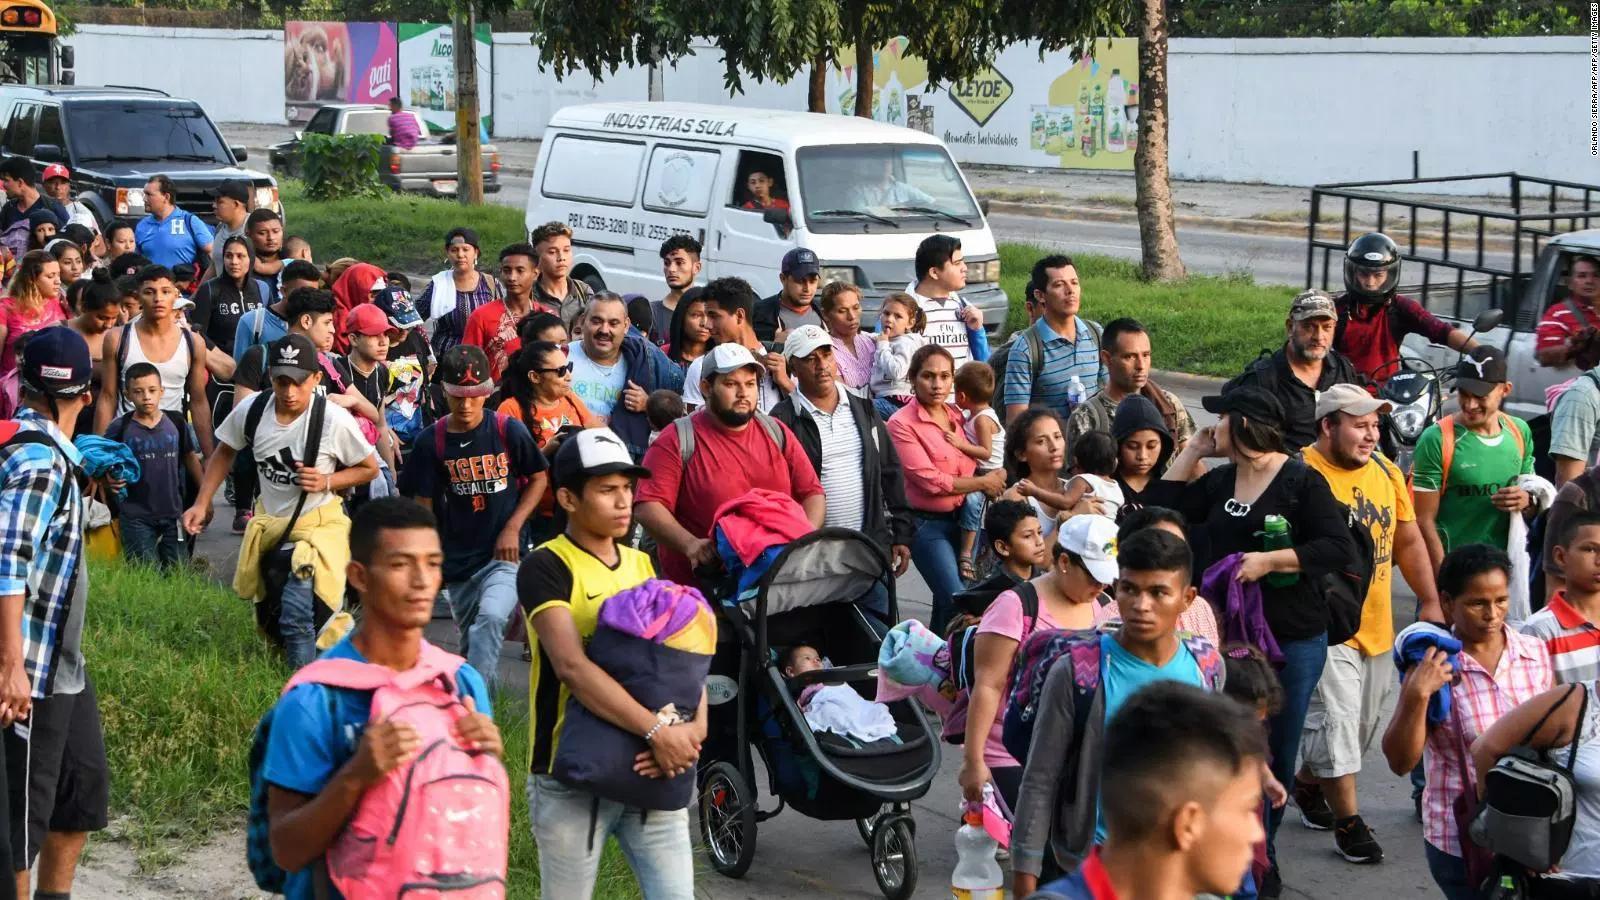 Trump quiere cobrar a quienes soliciten asilo y  dar seis meses para que se decidan sus casos